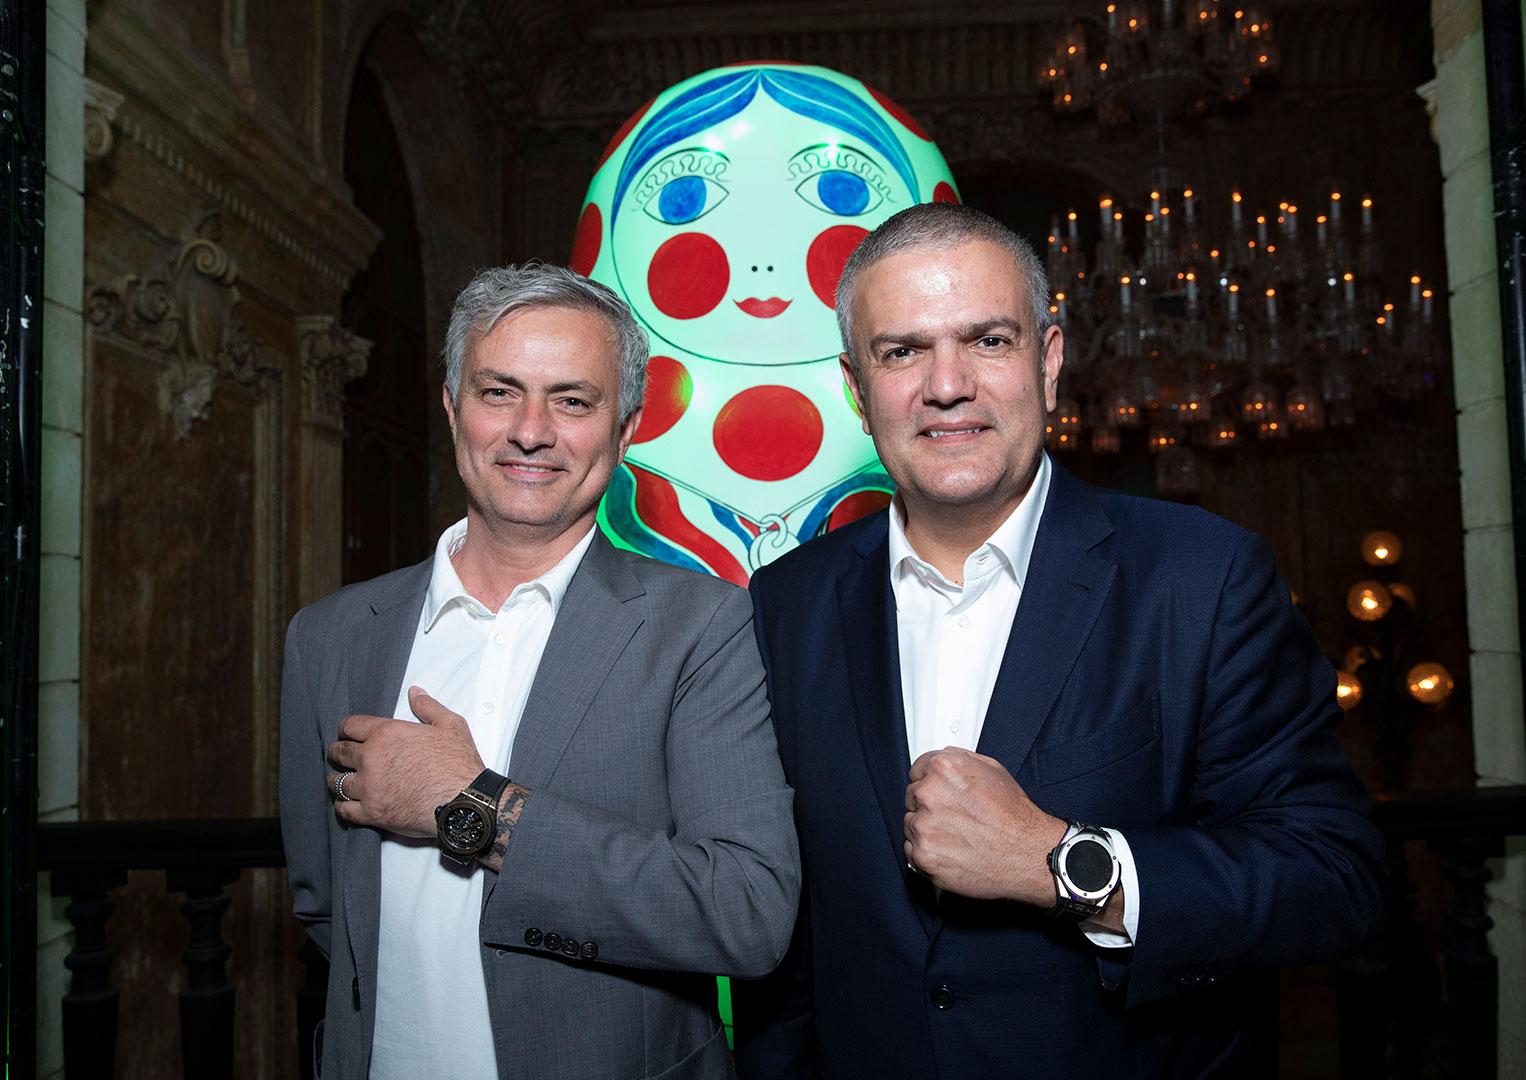 Jose Mourinho with Hublot CEO Ricardo Guadalupe